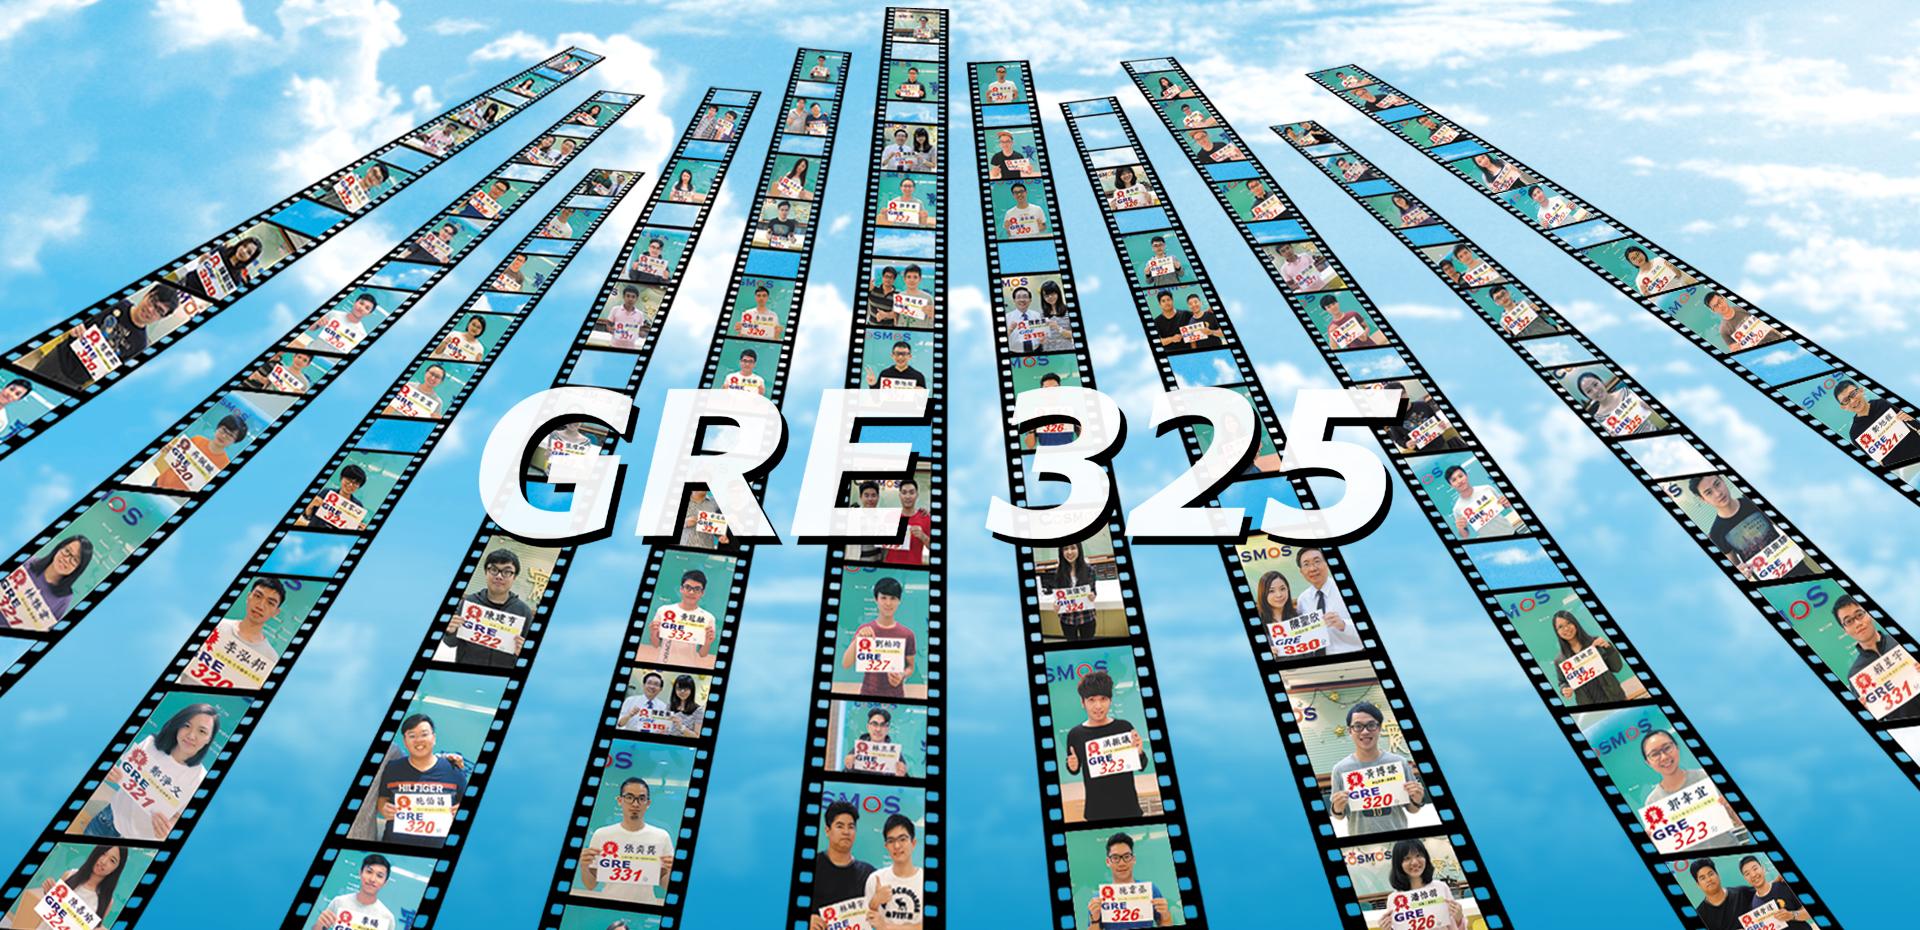 台南 GRE 325高分俱樂部-會員招募中